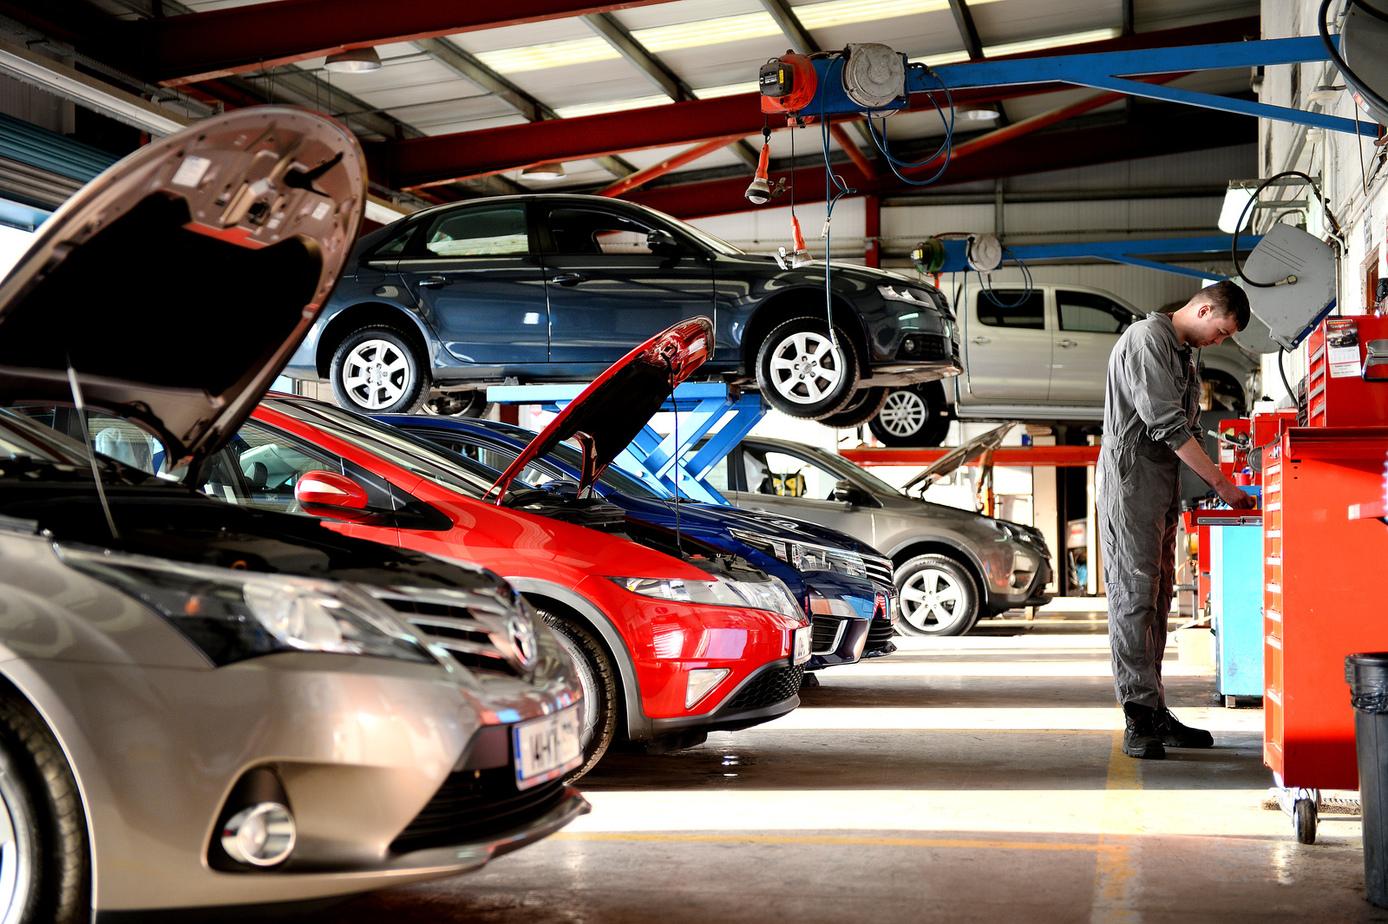 gara sửa chữa ô tô chuyên nghiệp quận 12